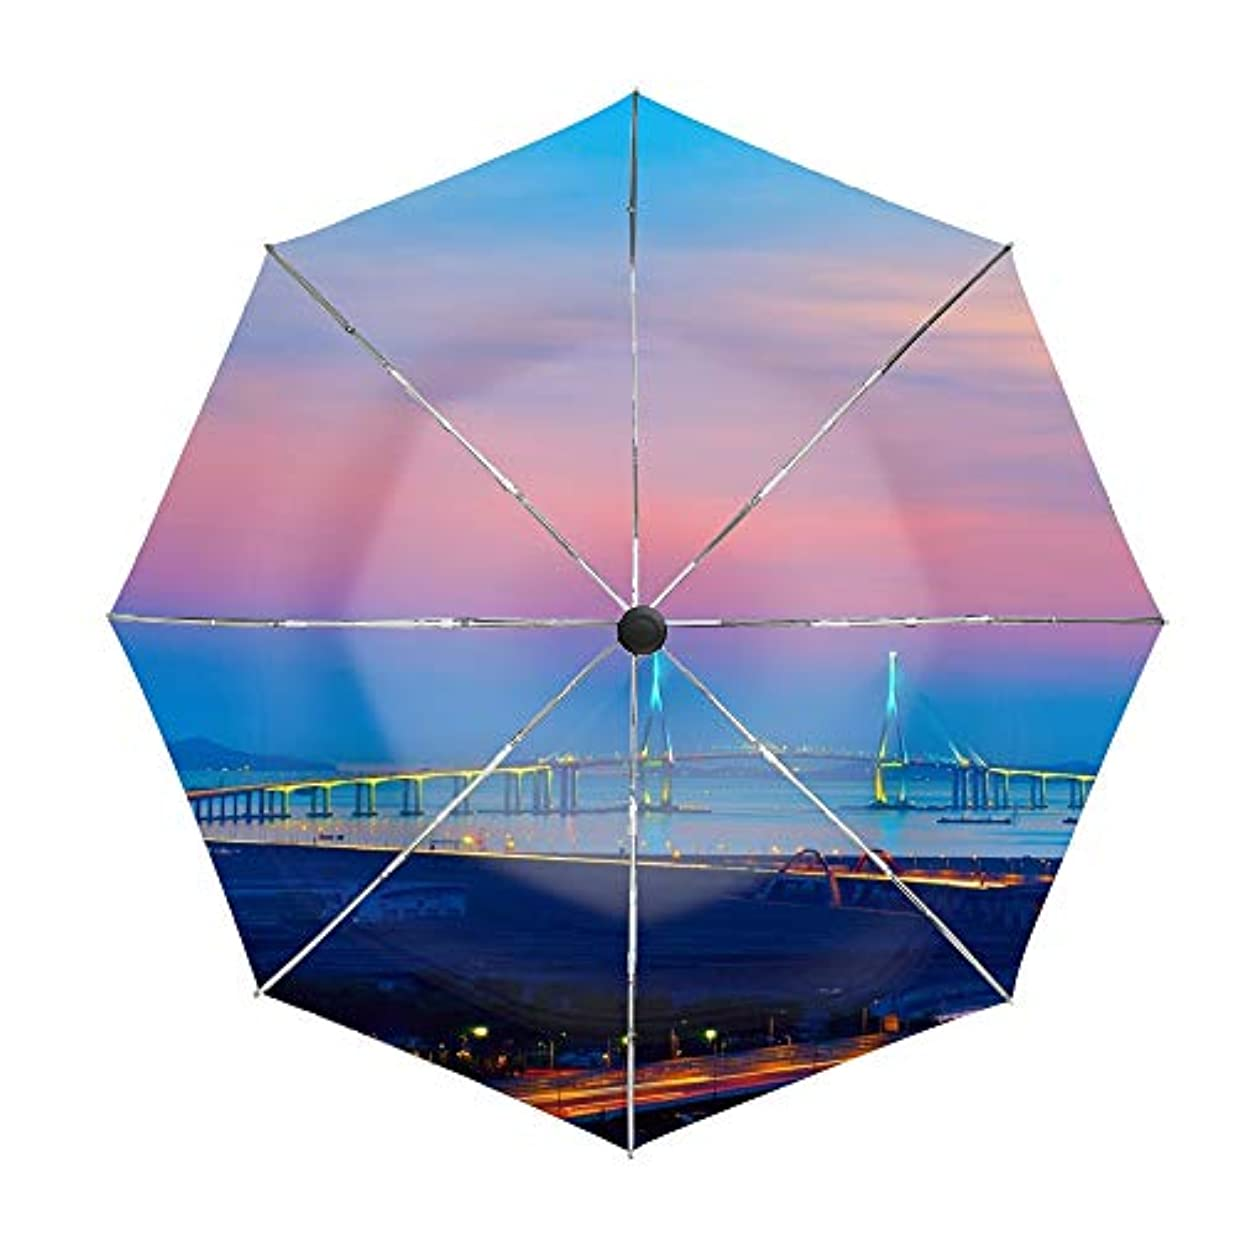 慢なしないアルファベット順日傘 折りたたみ傘 仁川大橋 晴雨兼用 UVカット率99.9% 耐風撥水 二重生地 紫外線遮蔽 レディース 日焼け対策